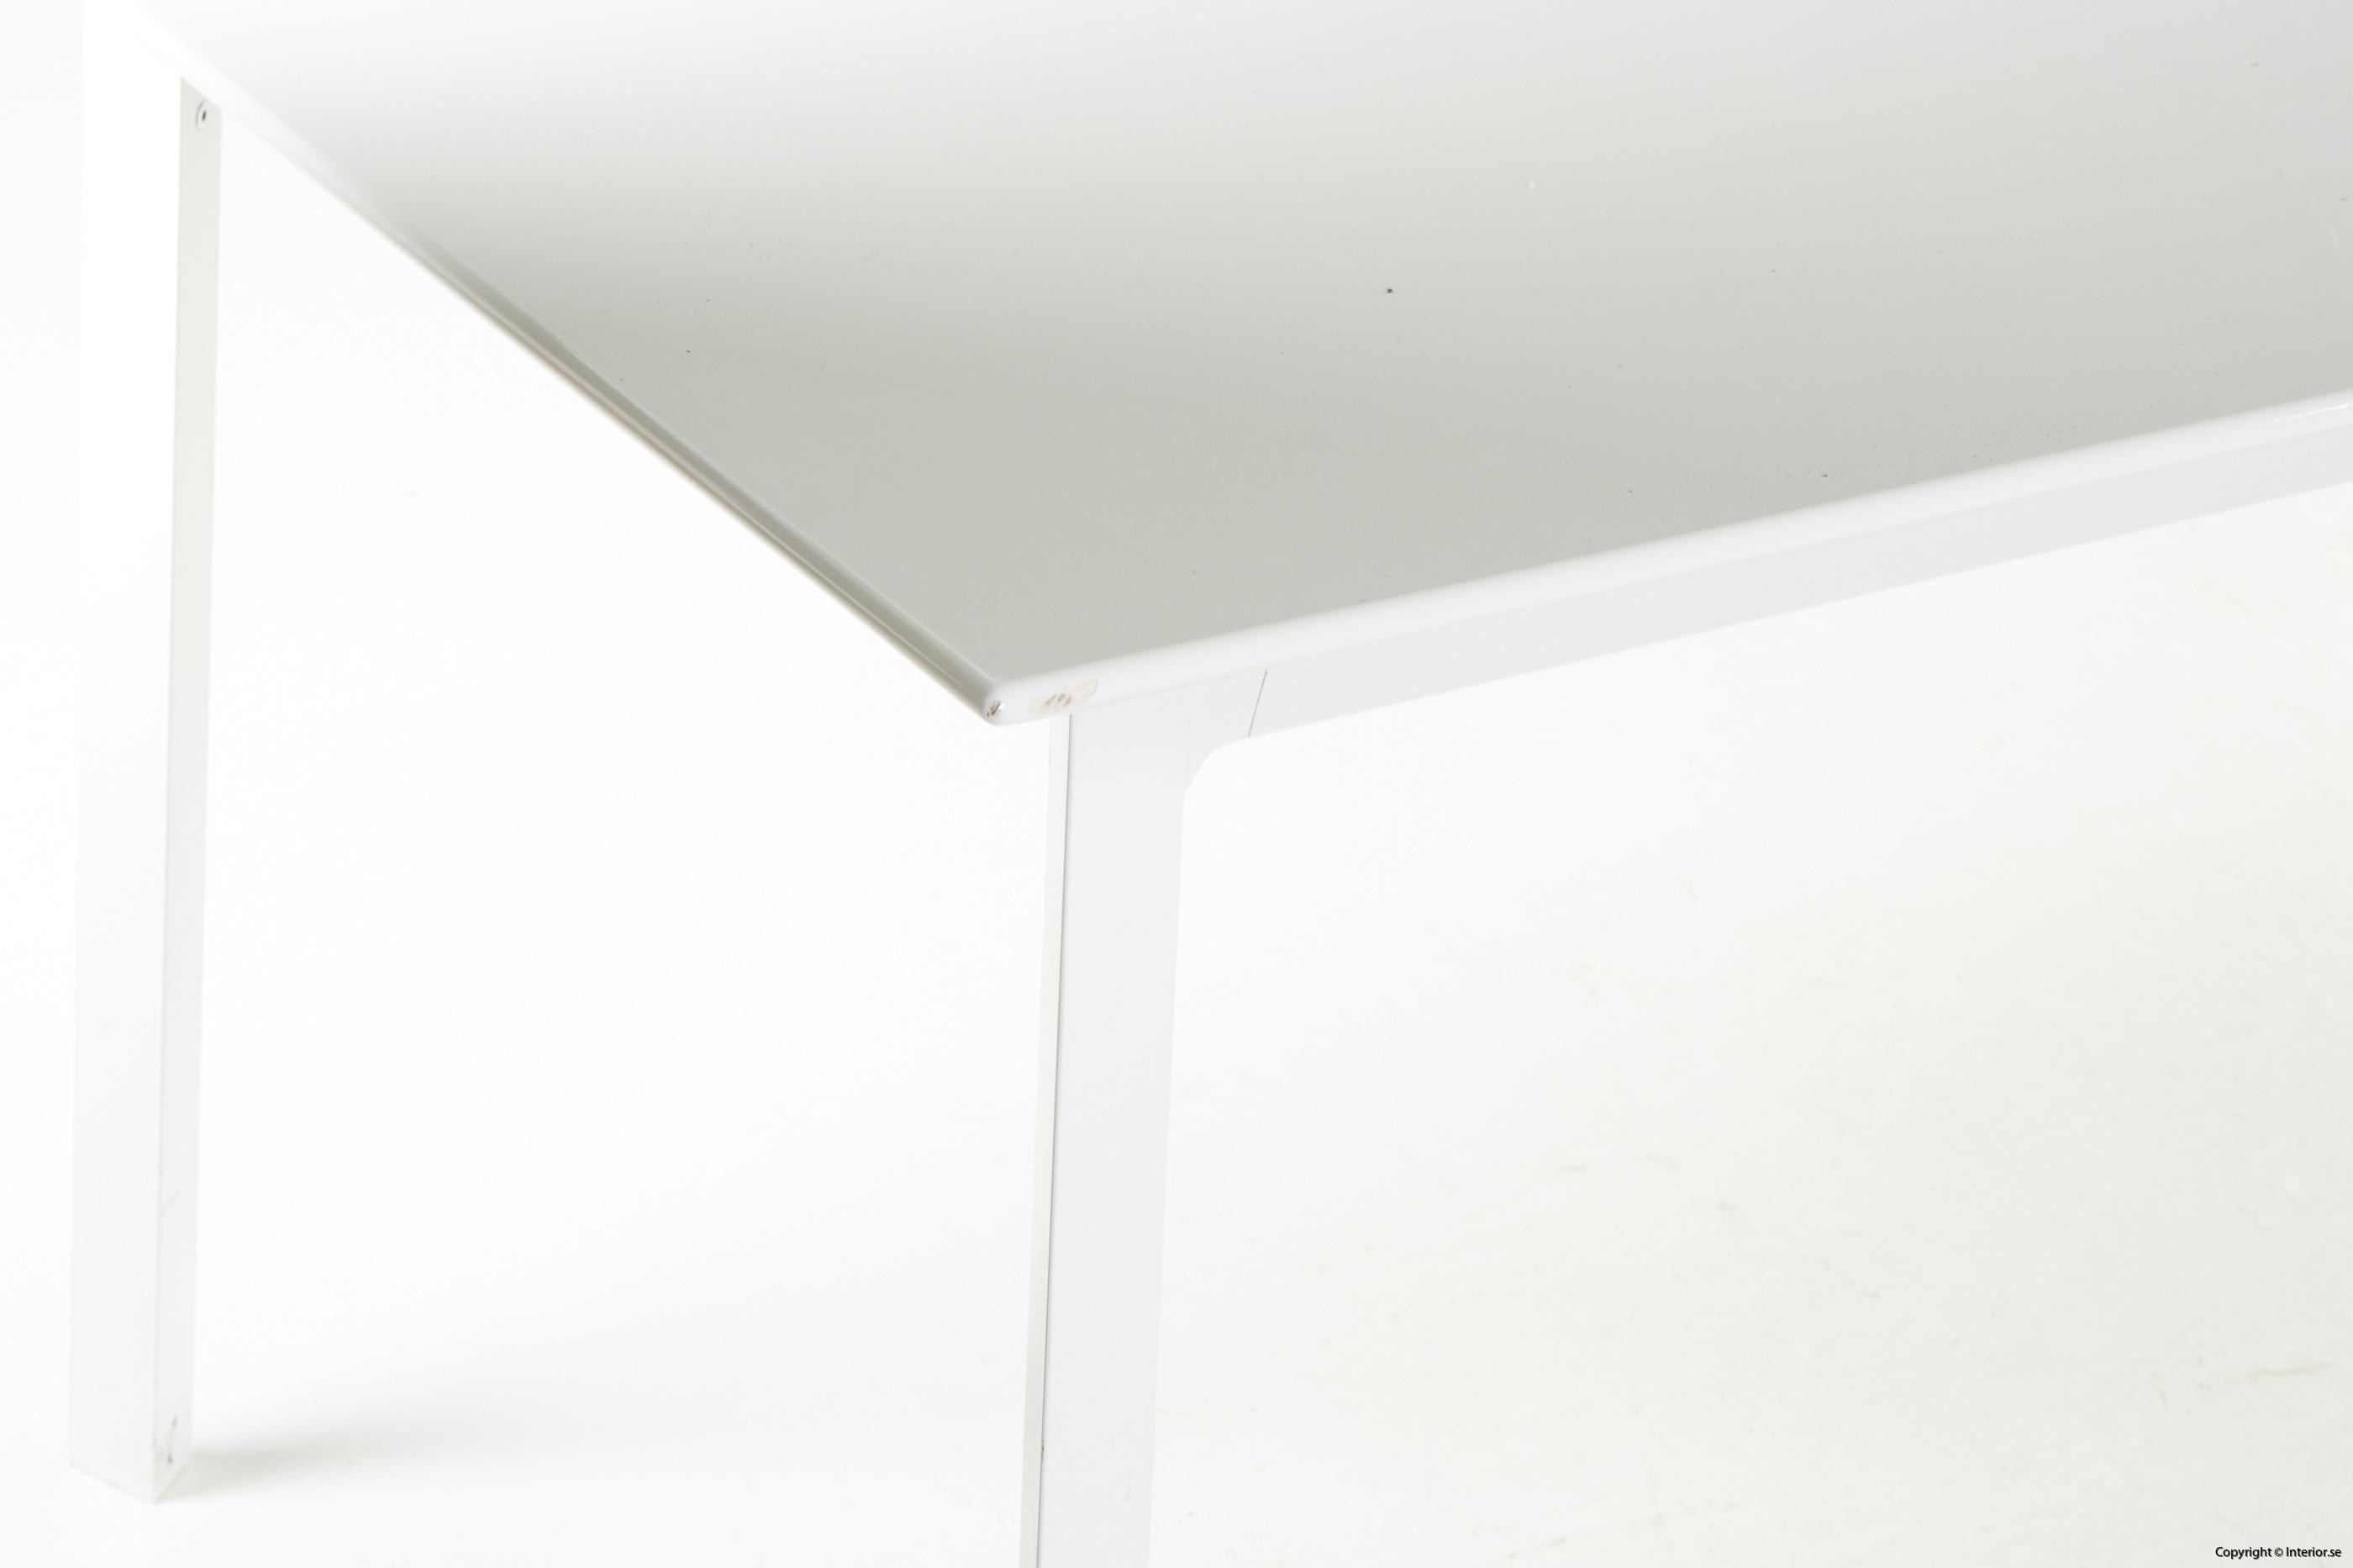 Konferensbord, vit laminat & stål - 280 x 90 cm conference table